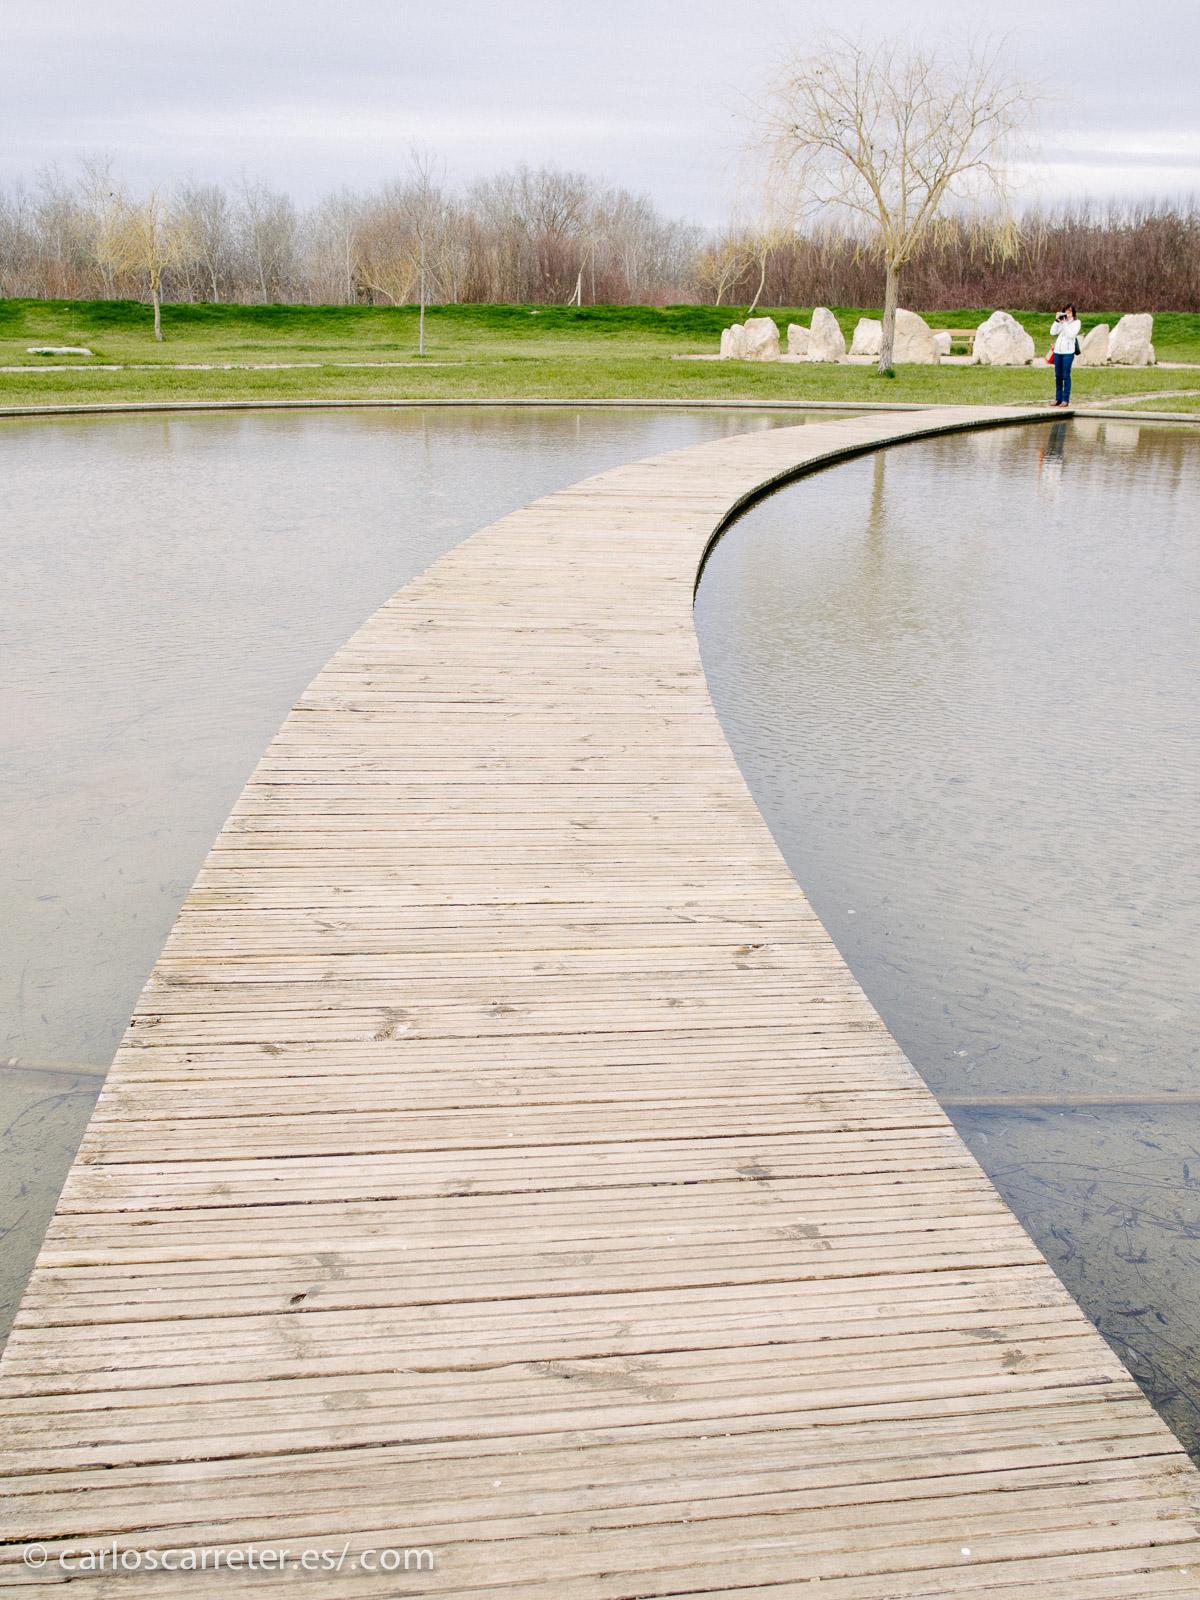 Aunque no sólo piedras encontramos en el jardín. También hay estanques y otros elementos ornamentales.